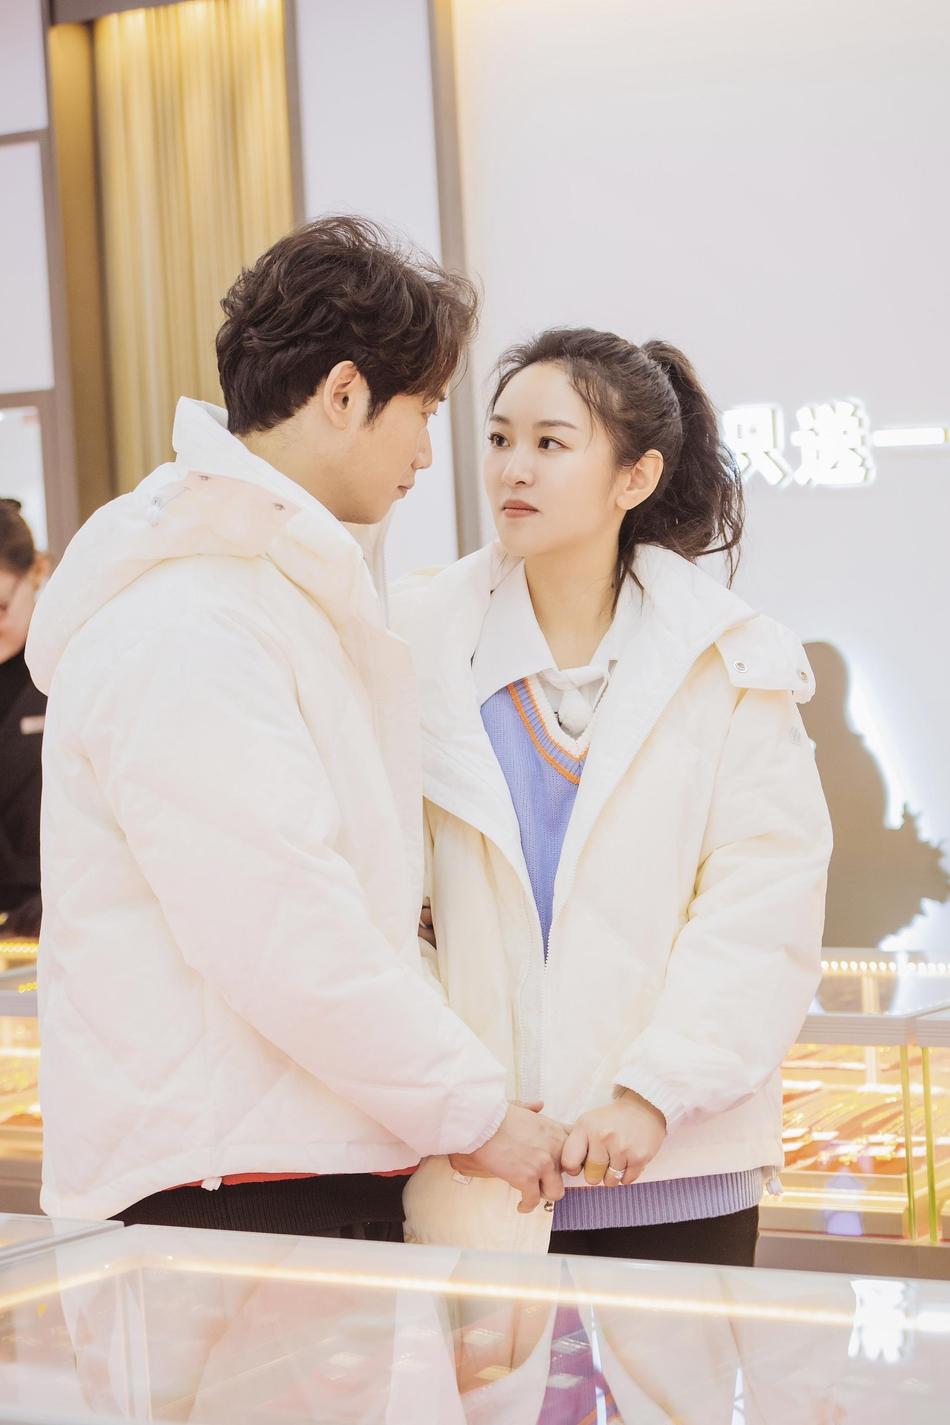 刘泳希李嘉铭搞怪互动撒糖不停 二人穿情侣装对视显甜蜜